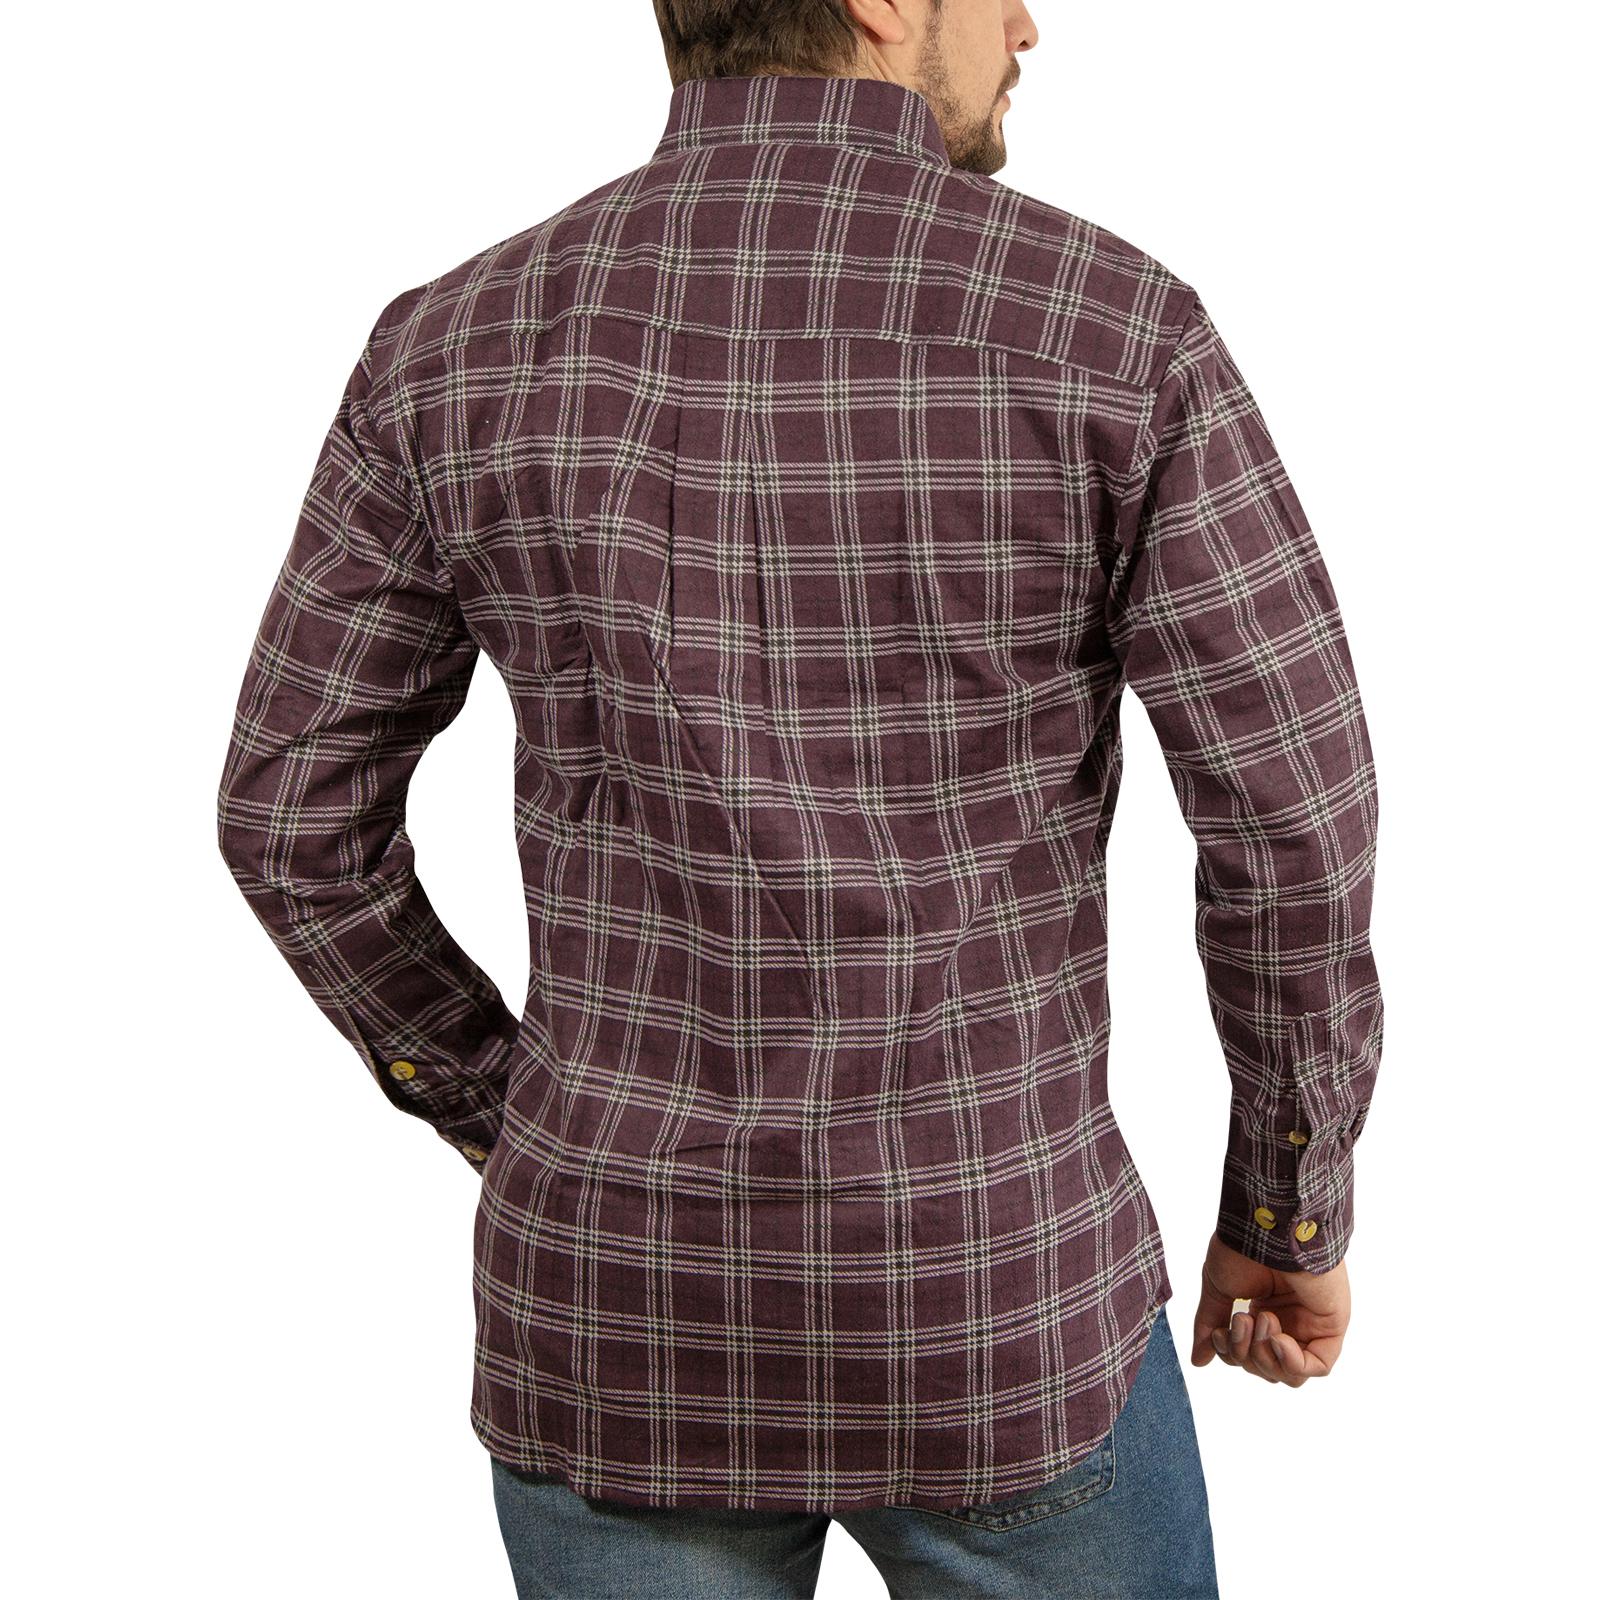 Chaqueta-Acolchada-flanelita-Camisa-Hombre-100-algodon-acolchado-caliente-de-invierno-franela miniatura 54